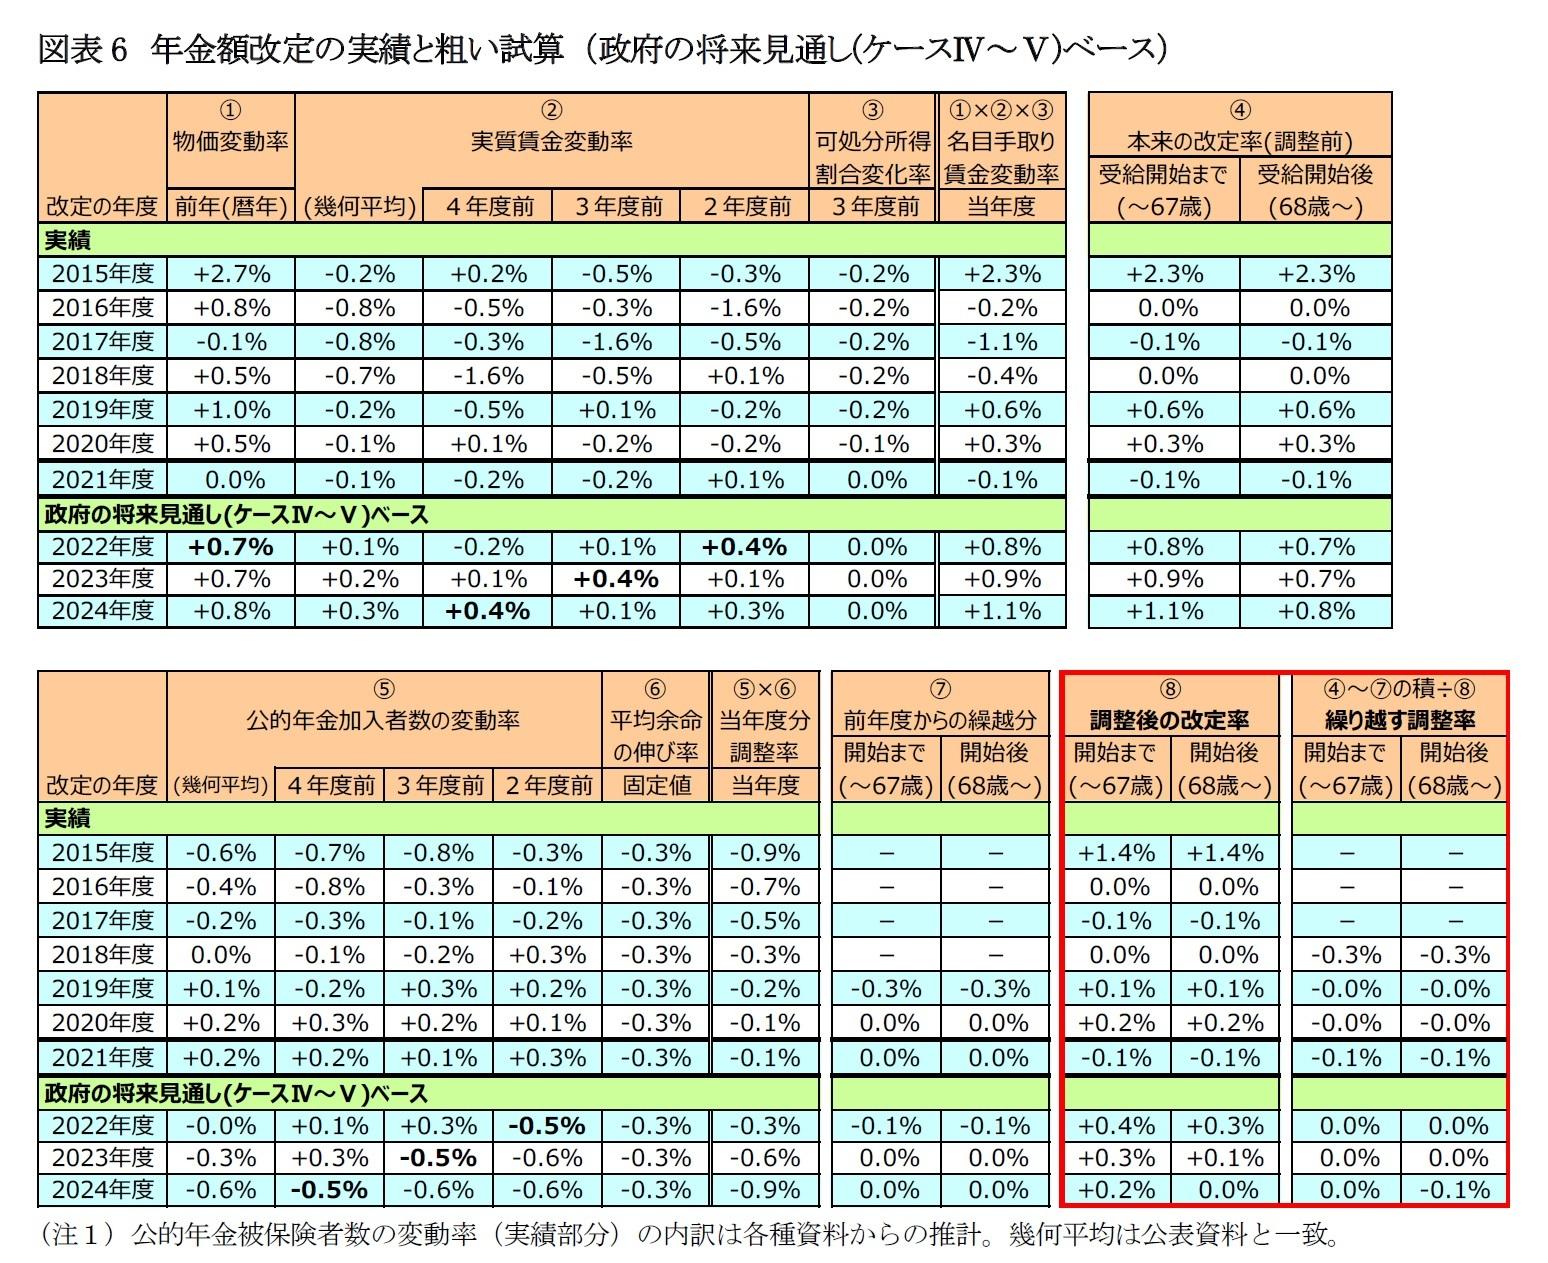 図表6 年金額改定の実績と粗い試算 (政府の将来見通し(ケースⅣ~Ⅴ)ベース)